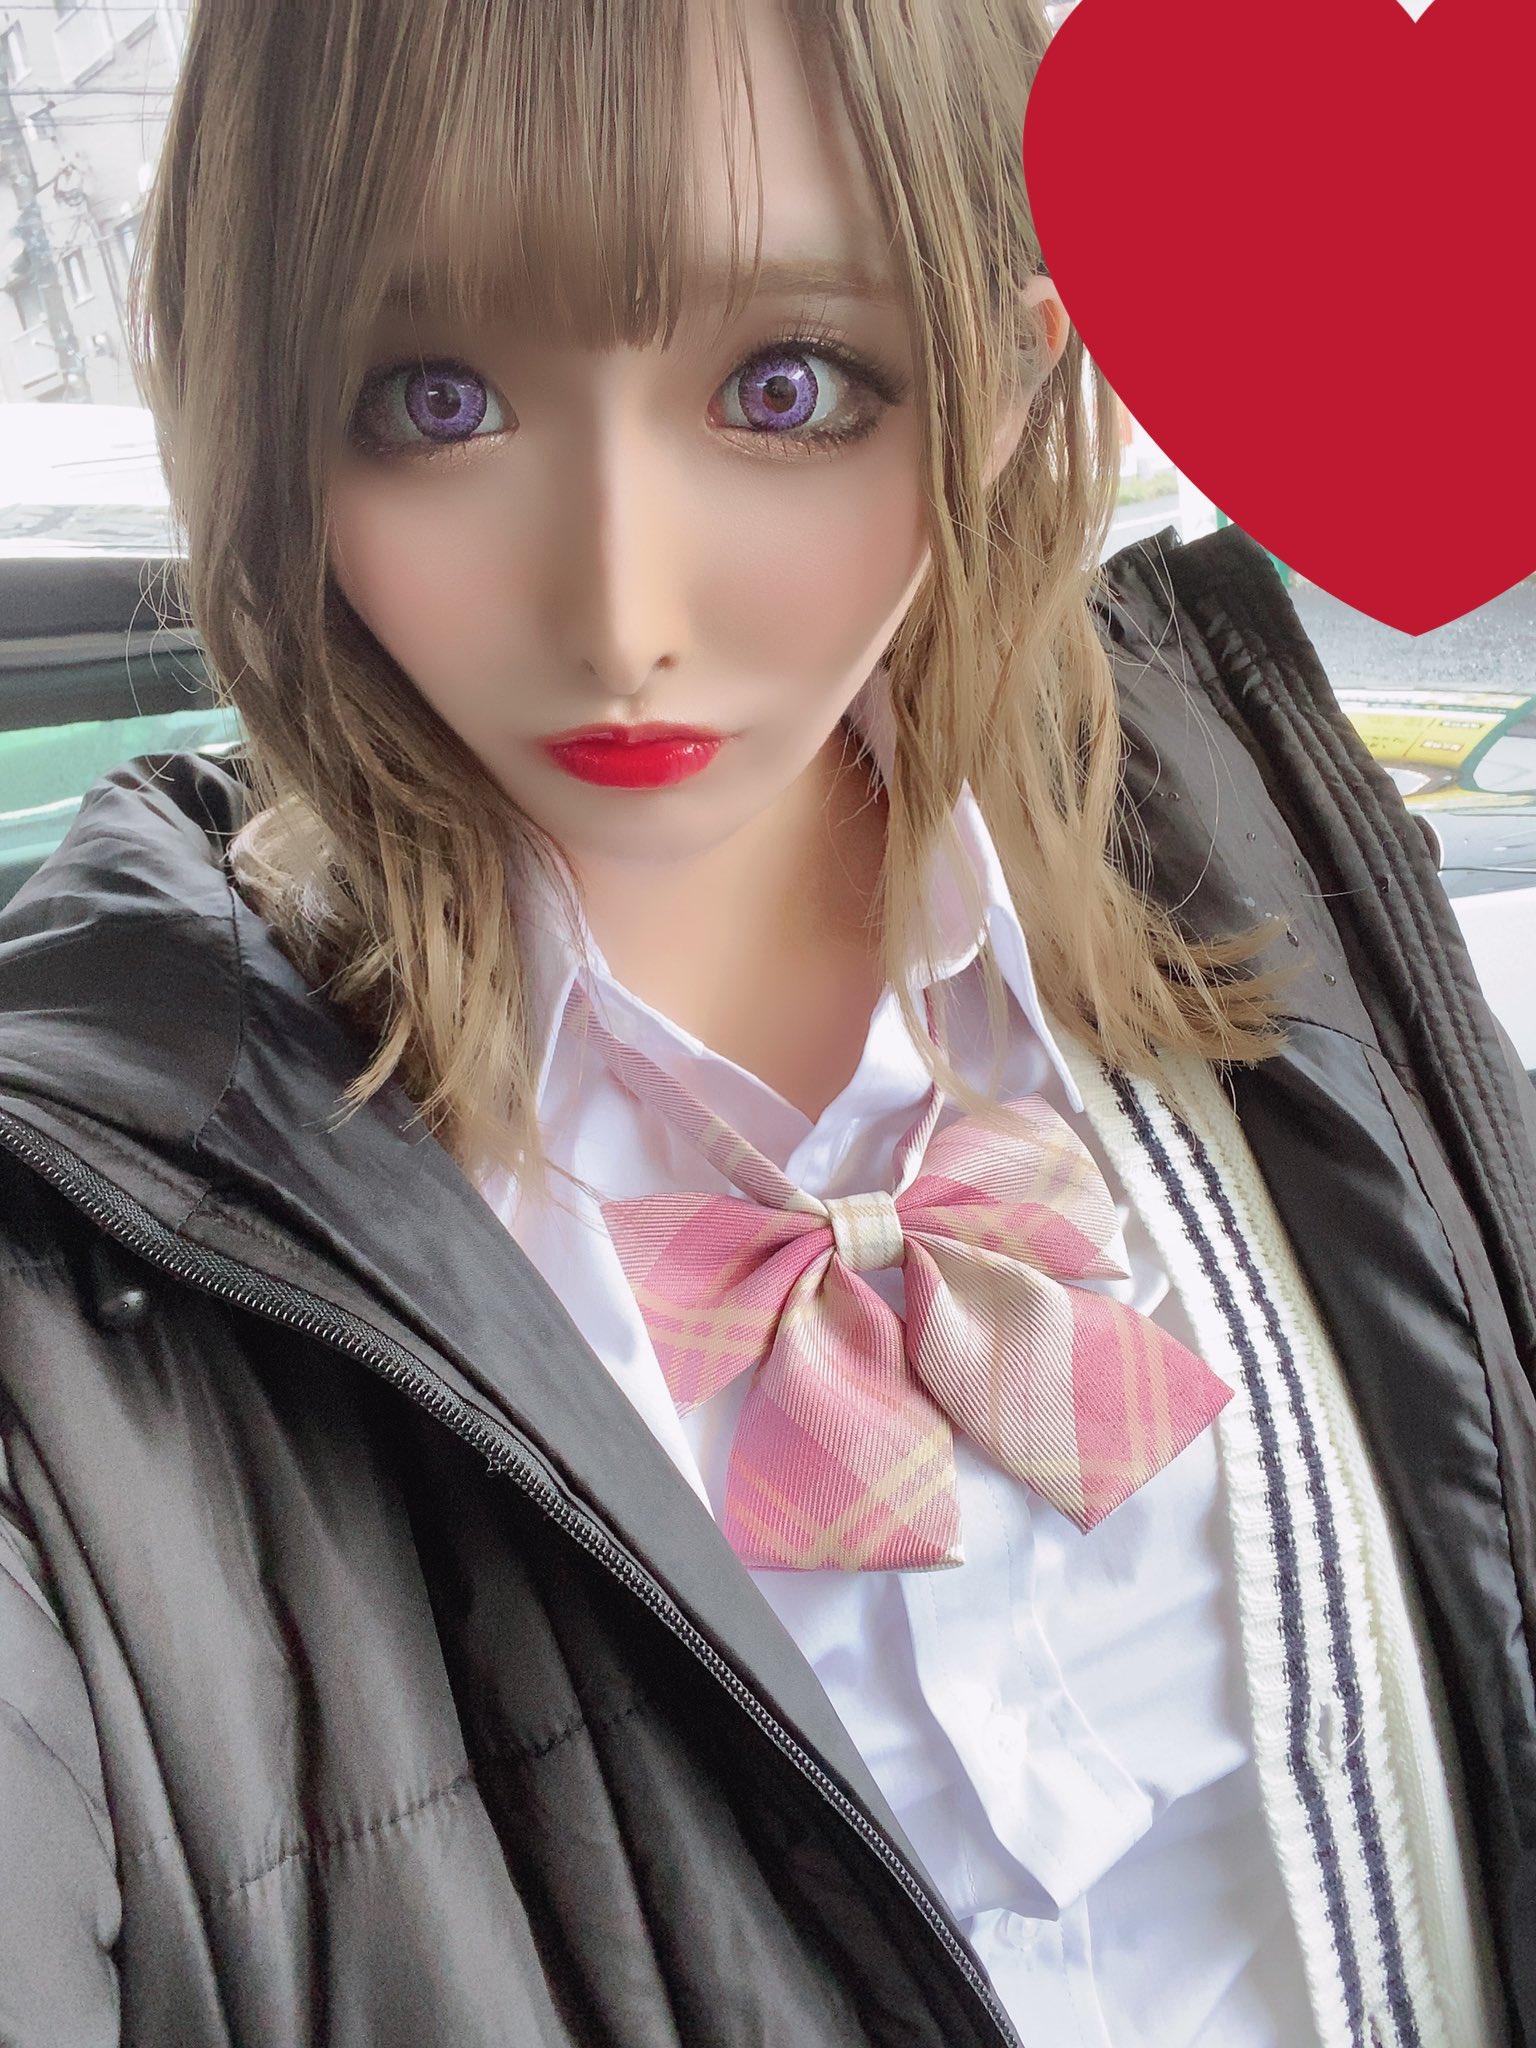 【衣吹かのんエロ画像】エッチ好き過ぎなムチムチボディ美少女・衣吹かのん!